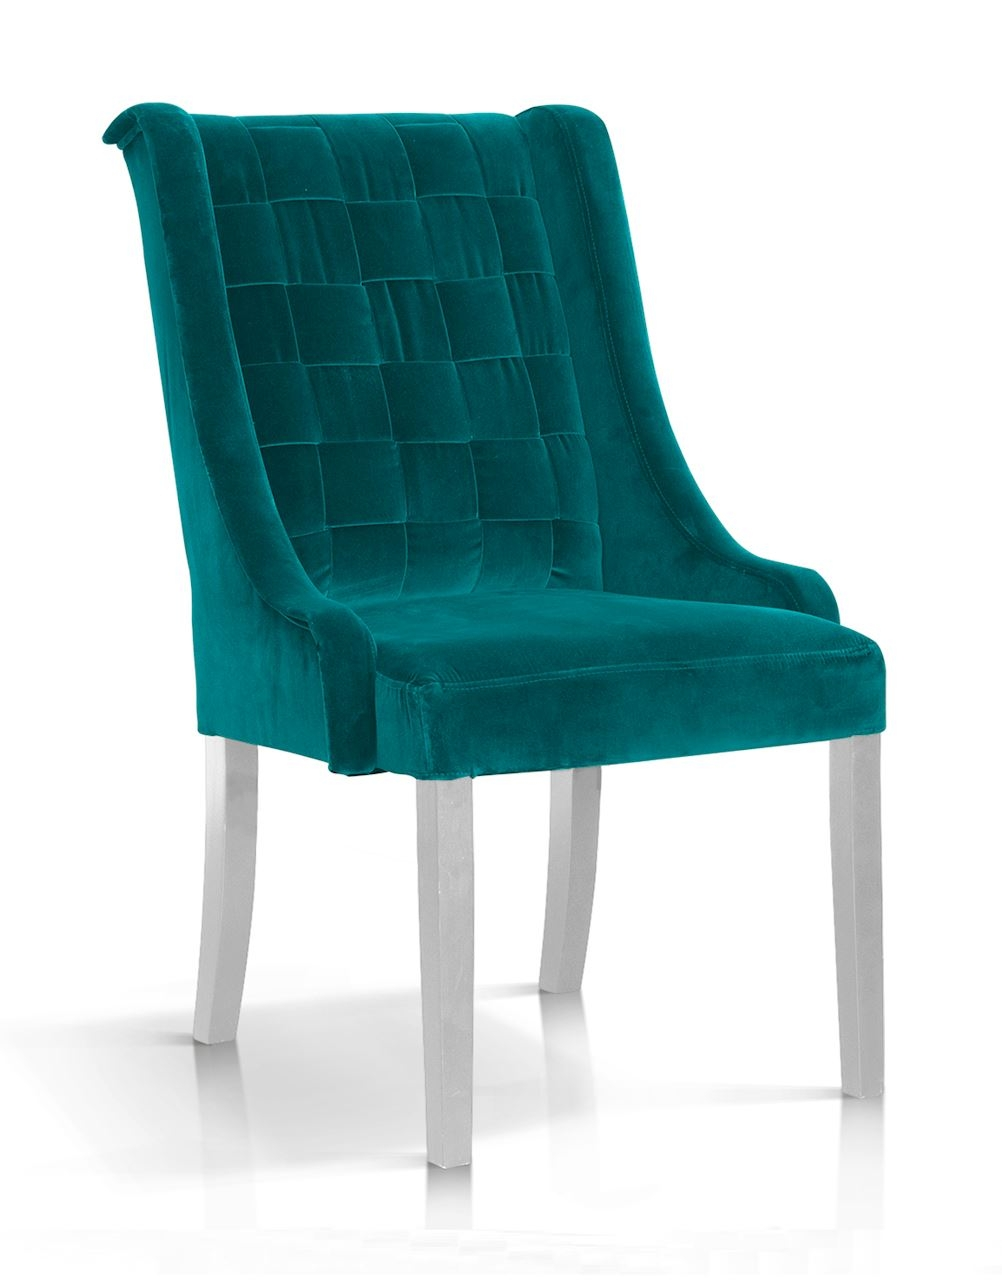 Scaun tapitat cu stofa, cu picioare din lemn Prince Velvet Turcoaz / Alb, l55xA70xH105 cm imagine